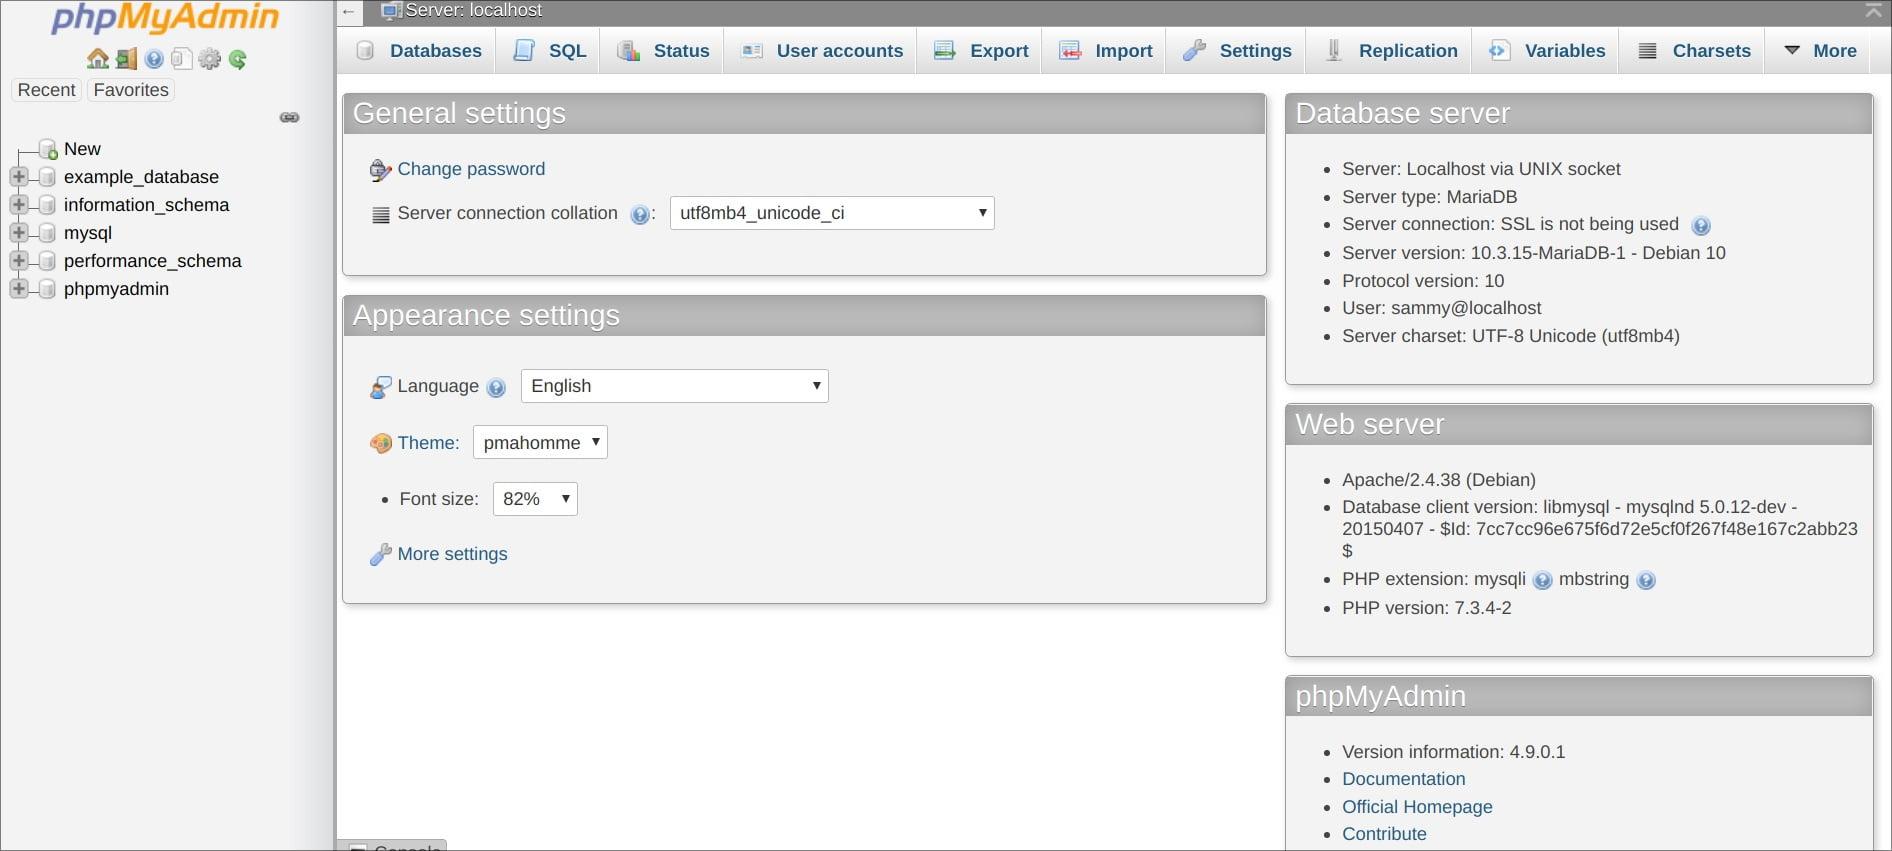 phpmyadmin interface view